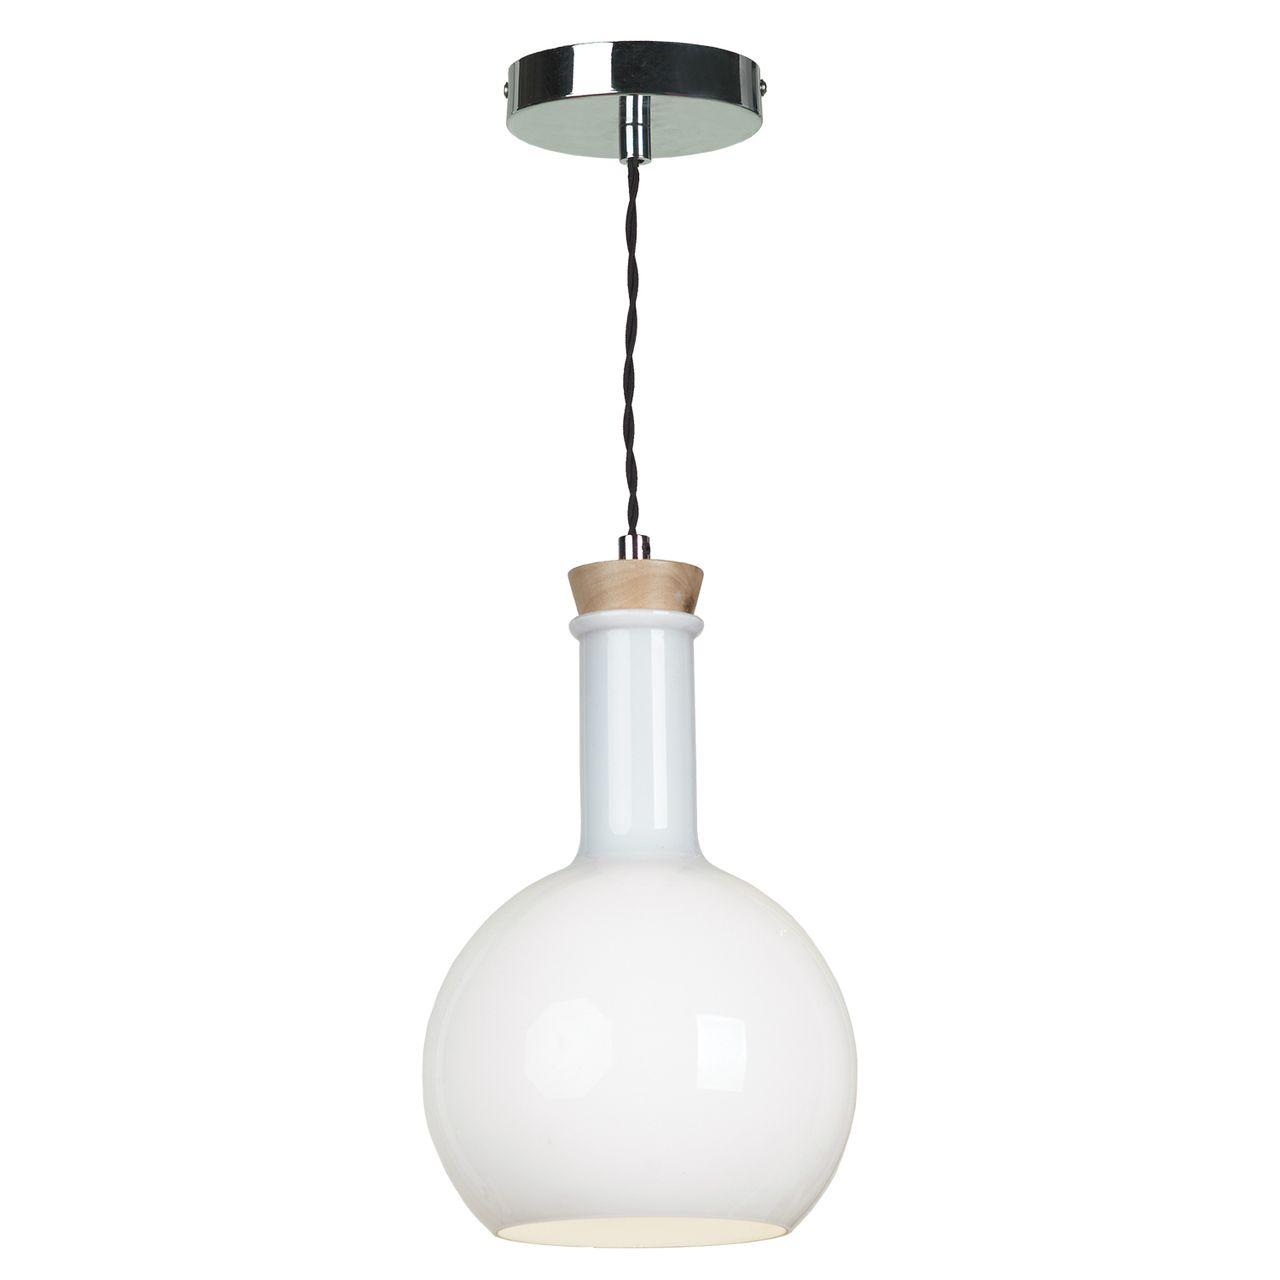 Подвесной светильник Lussole Loft 5 LSP-9637 lussole loft подвесной светильник lussole loft lsp 9667